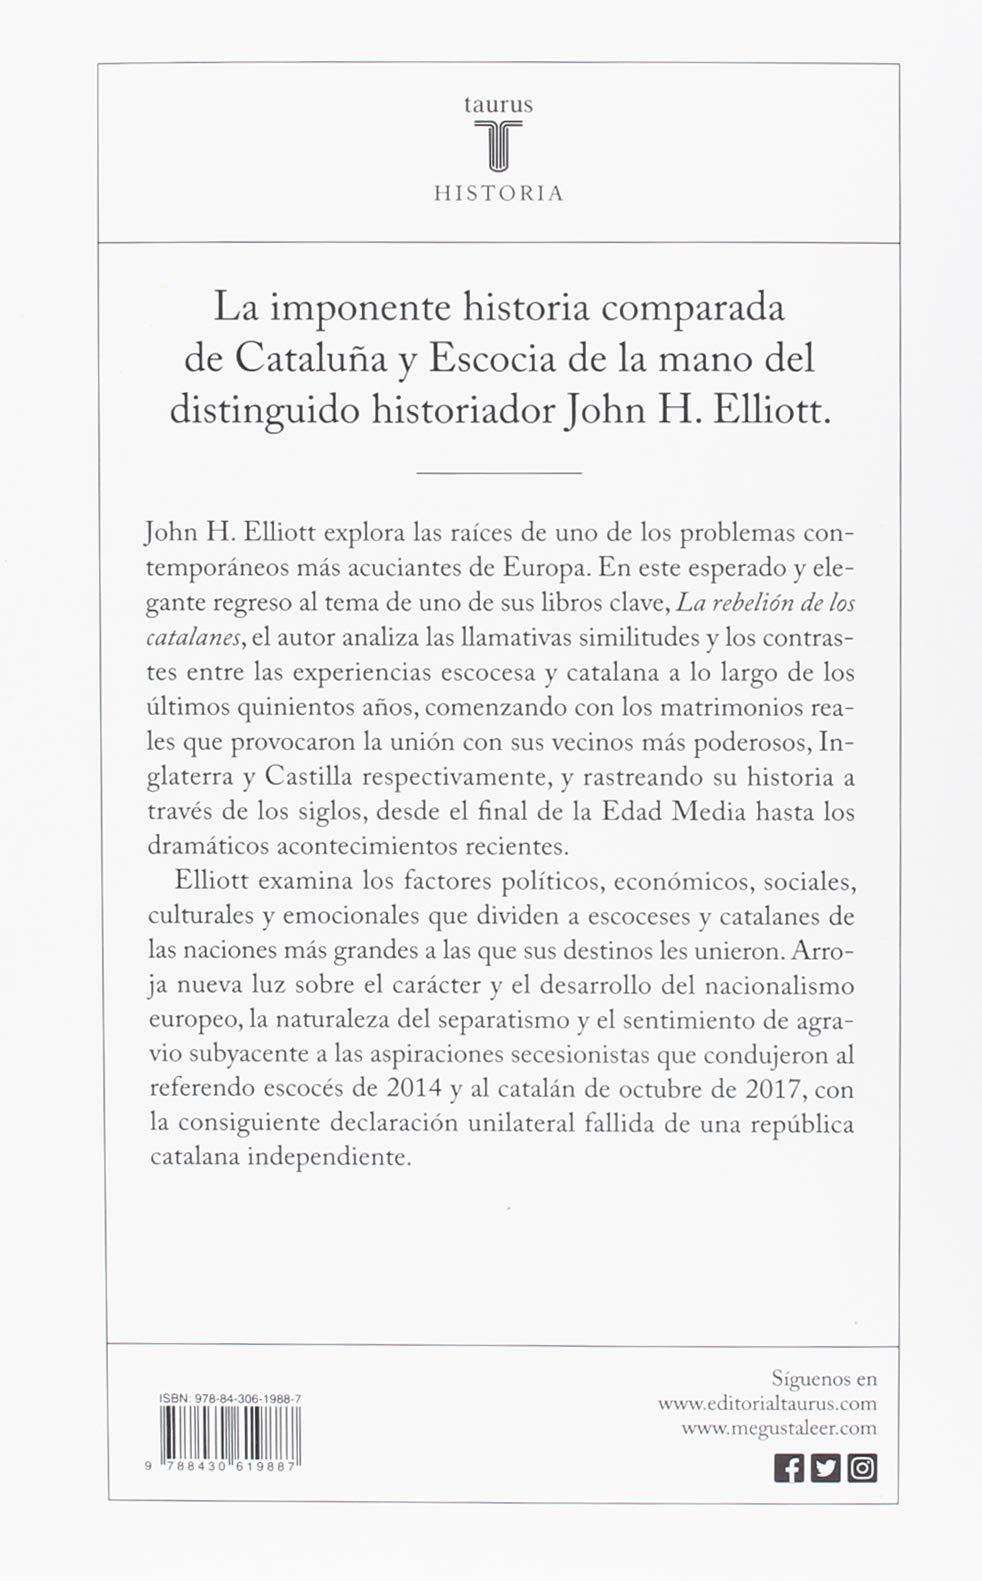 Catalanes Y Escoceses Unian Discordia Wiring Library 1996 Safari Sahara Rv Diagram Unin Pensamiento Amazones John H